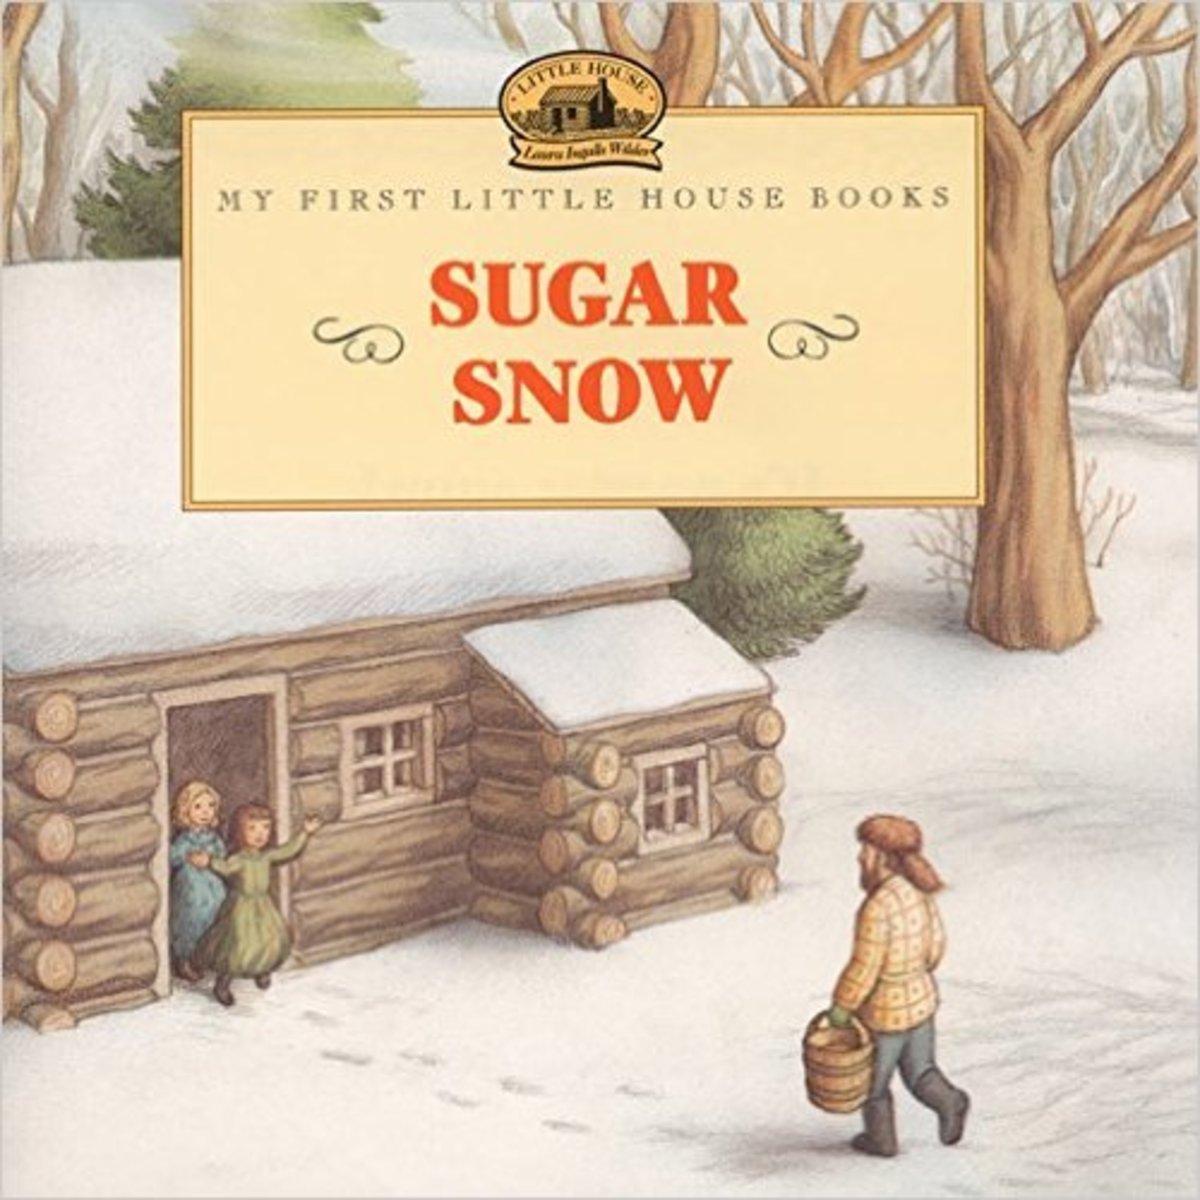 Sugar Snow (My First Little House) by Laura Ingalls Wilder